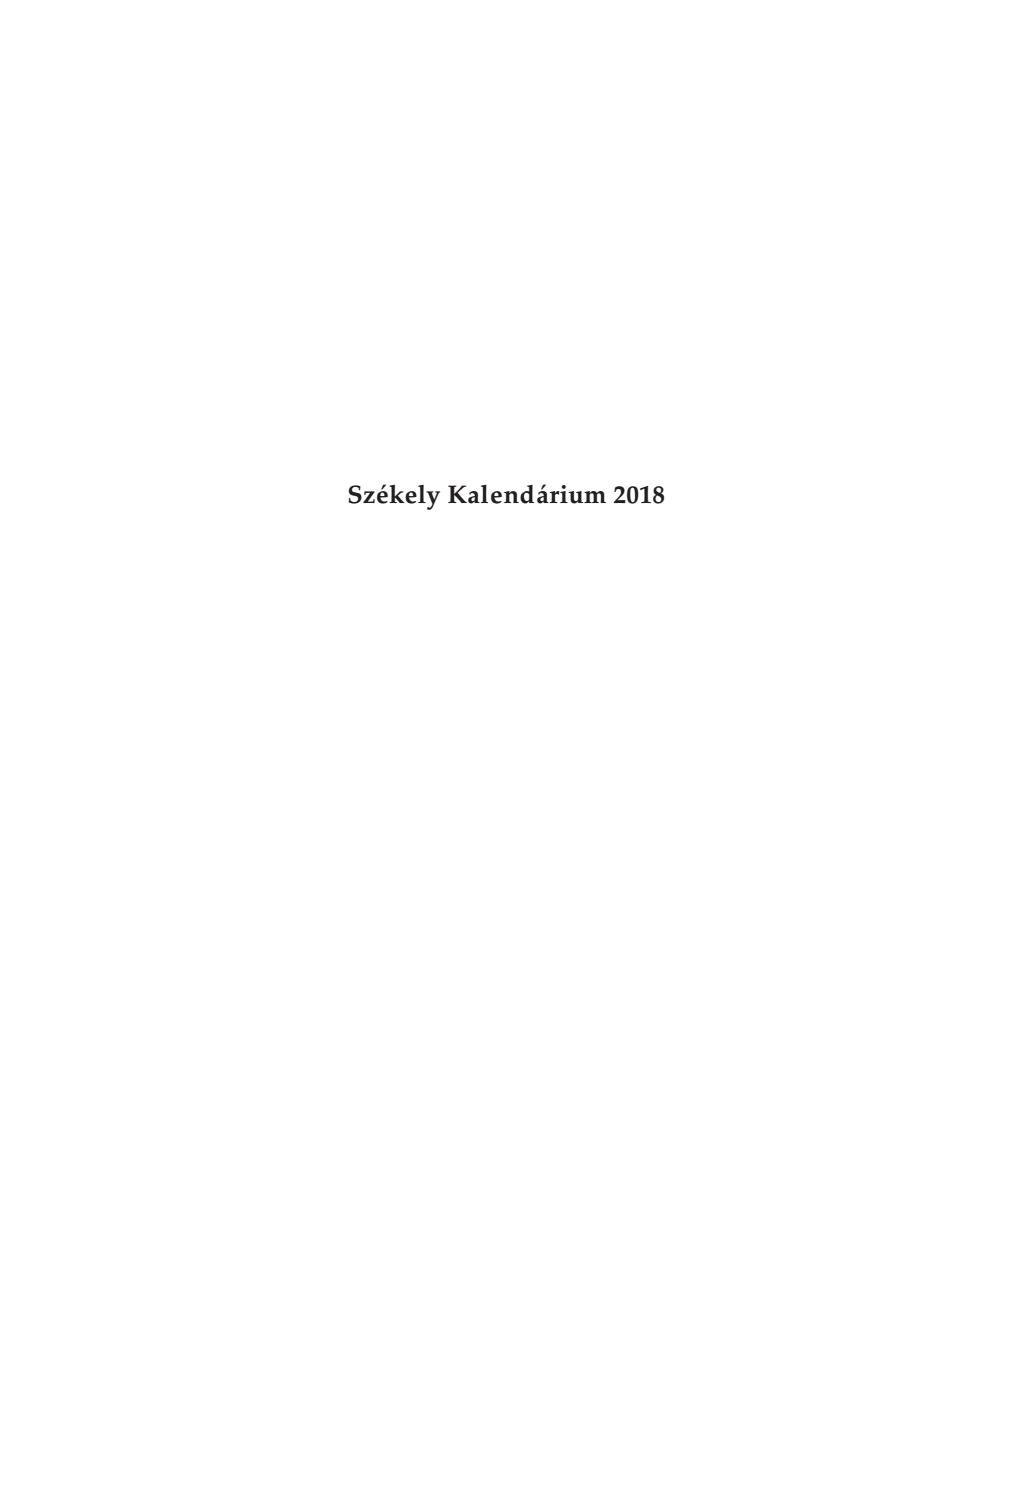 Egészségtudomány a mindennapokban – október 4. – Semmelweis